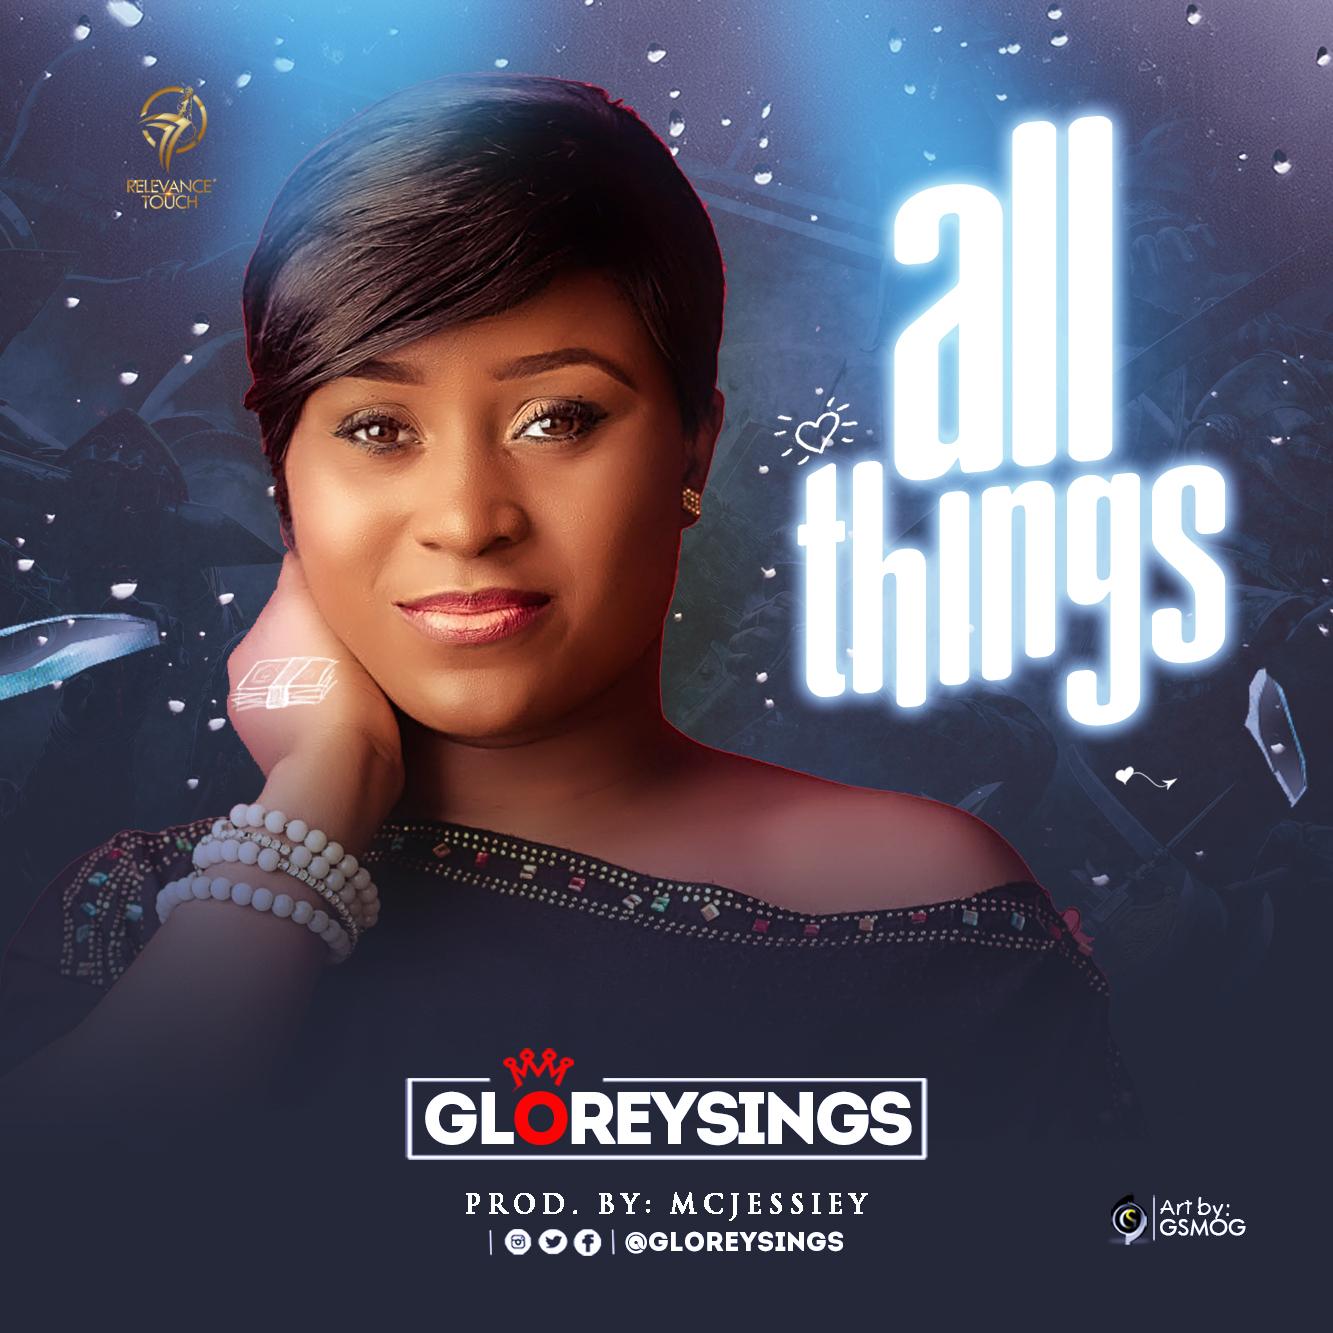 Gloreysings All Things